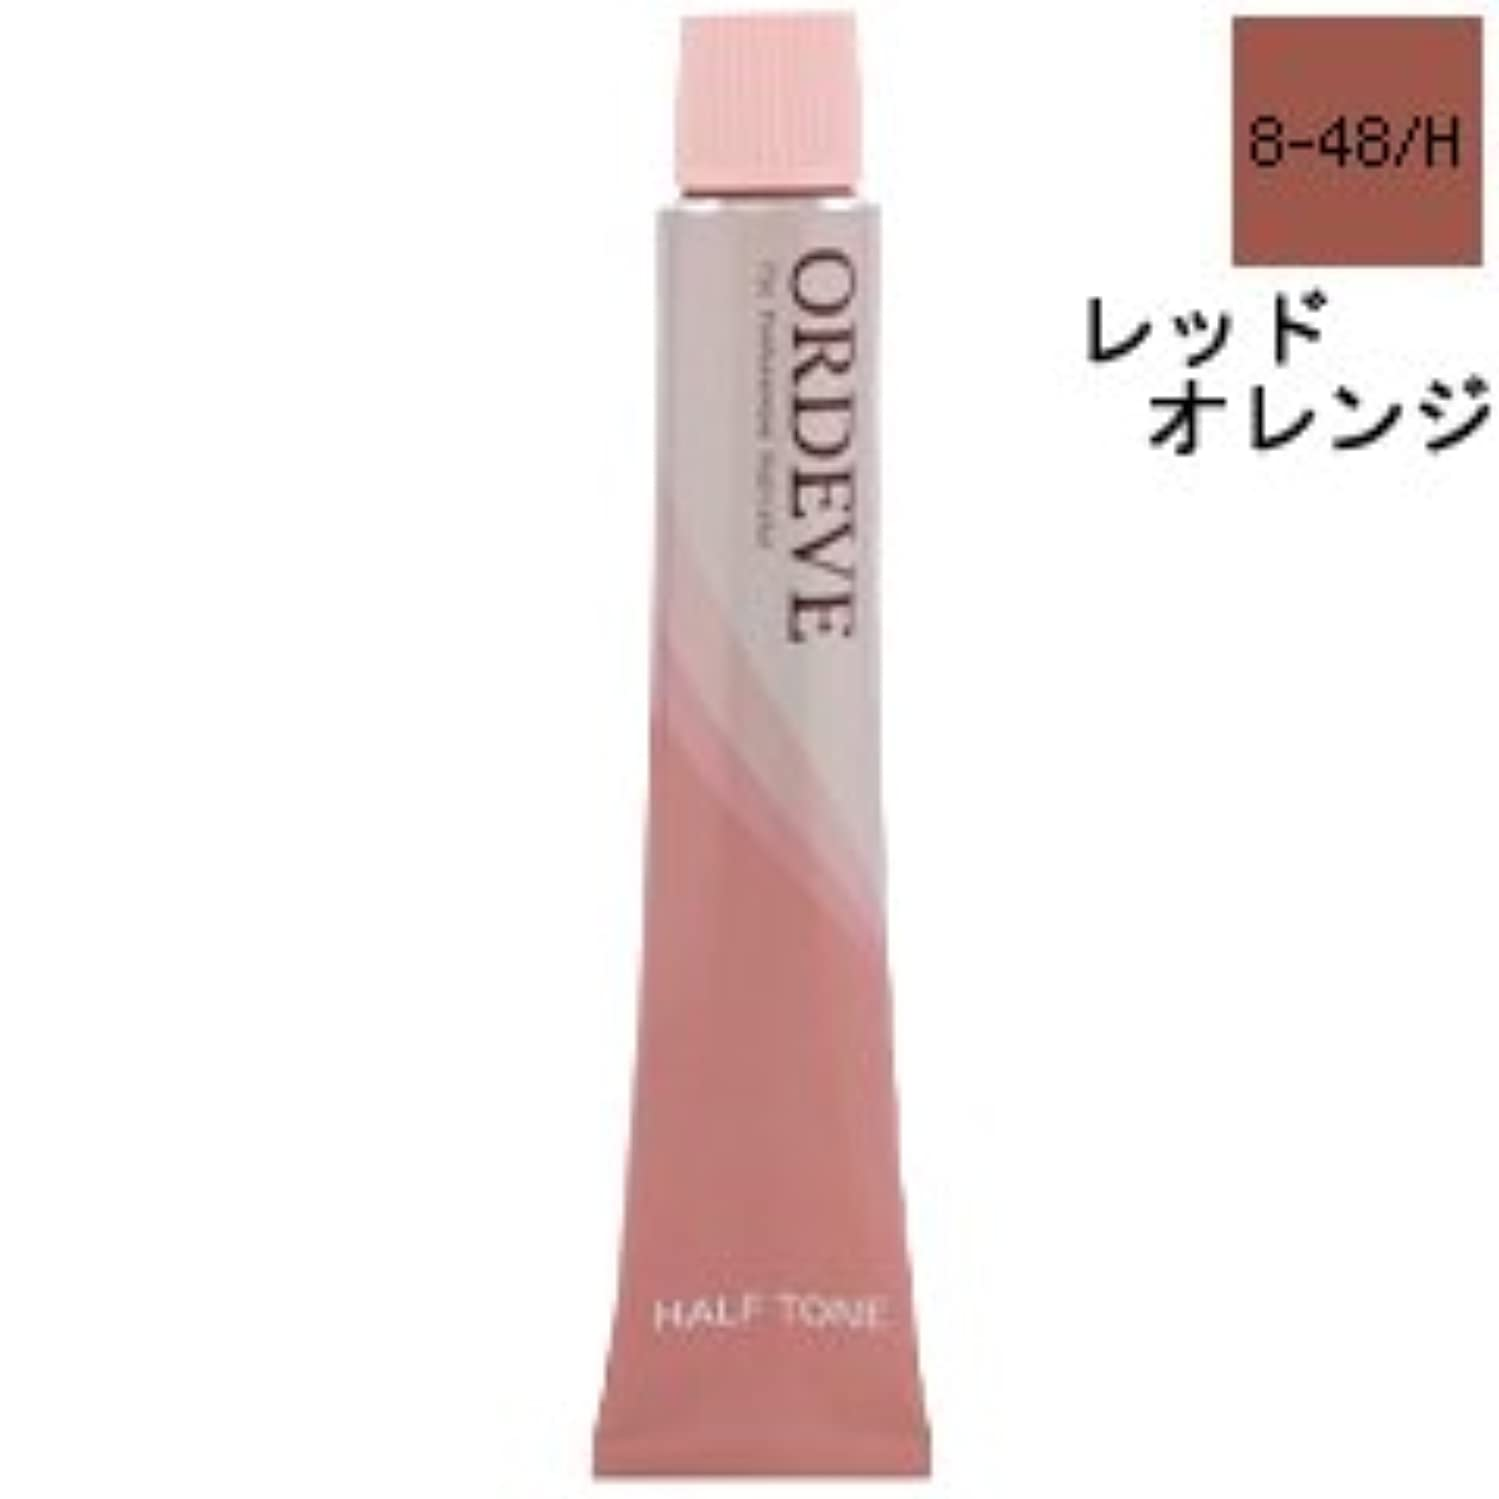 【ミルボン】オルディーブ ハーフトーン #08-48/H レッドオレンジ 80g